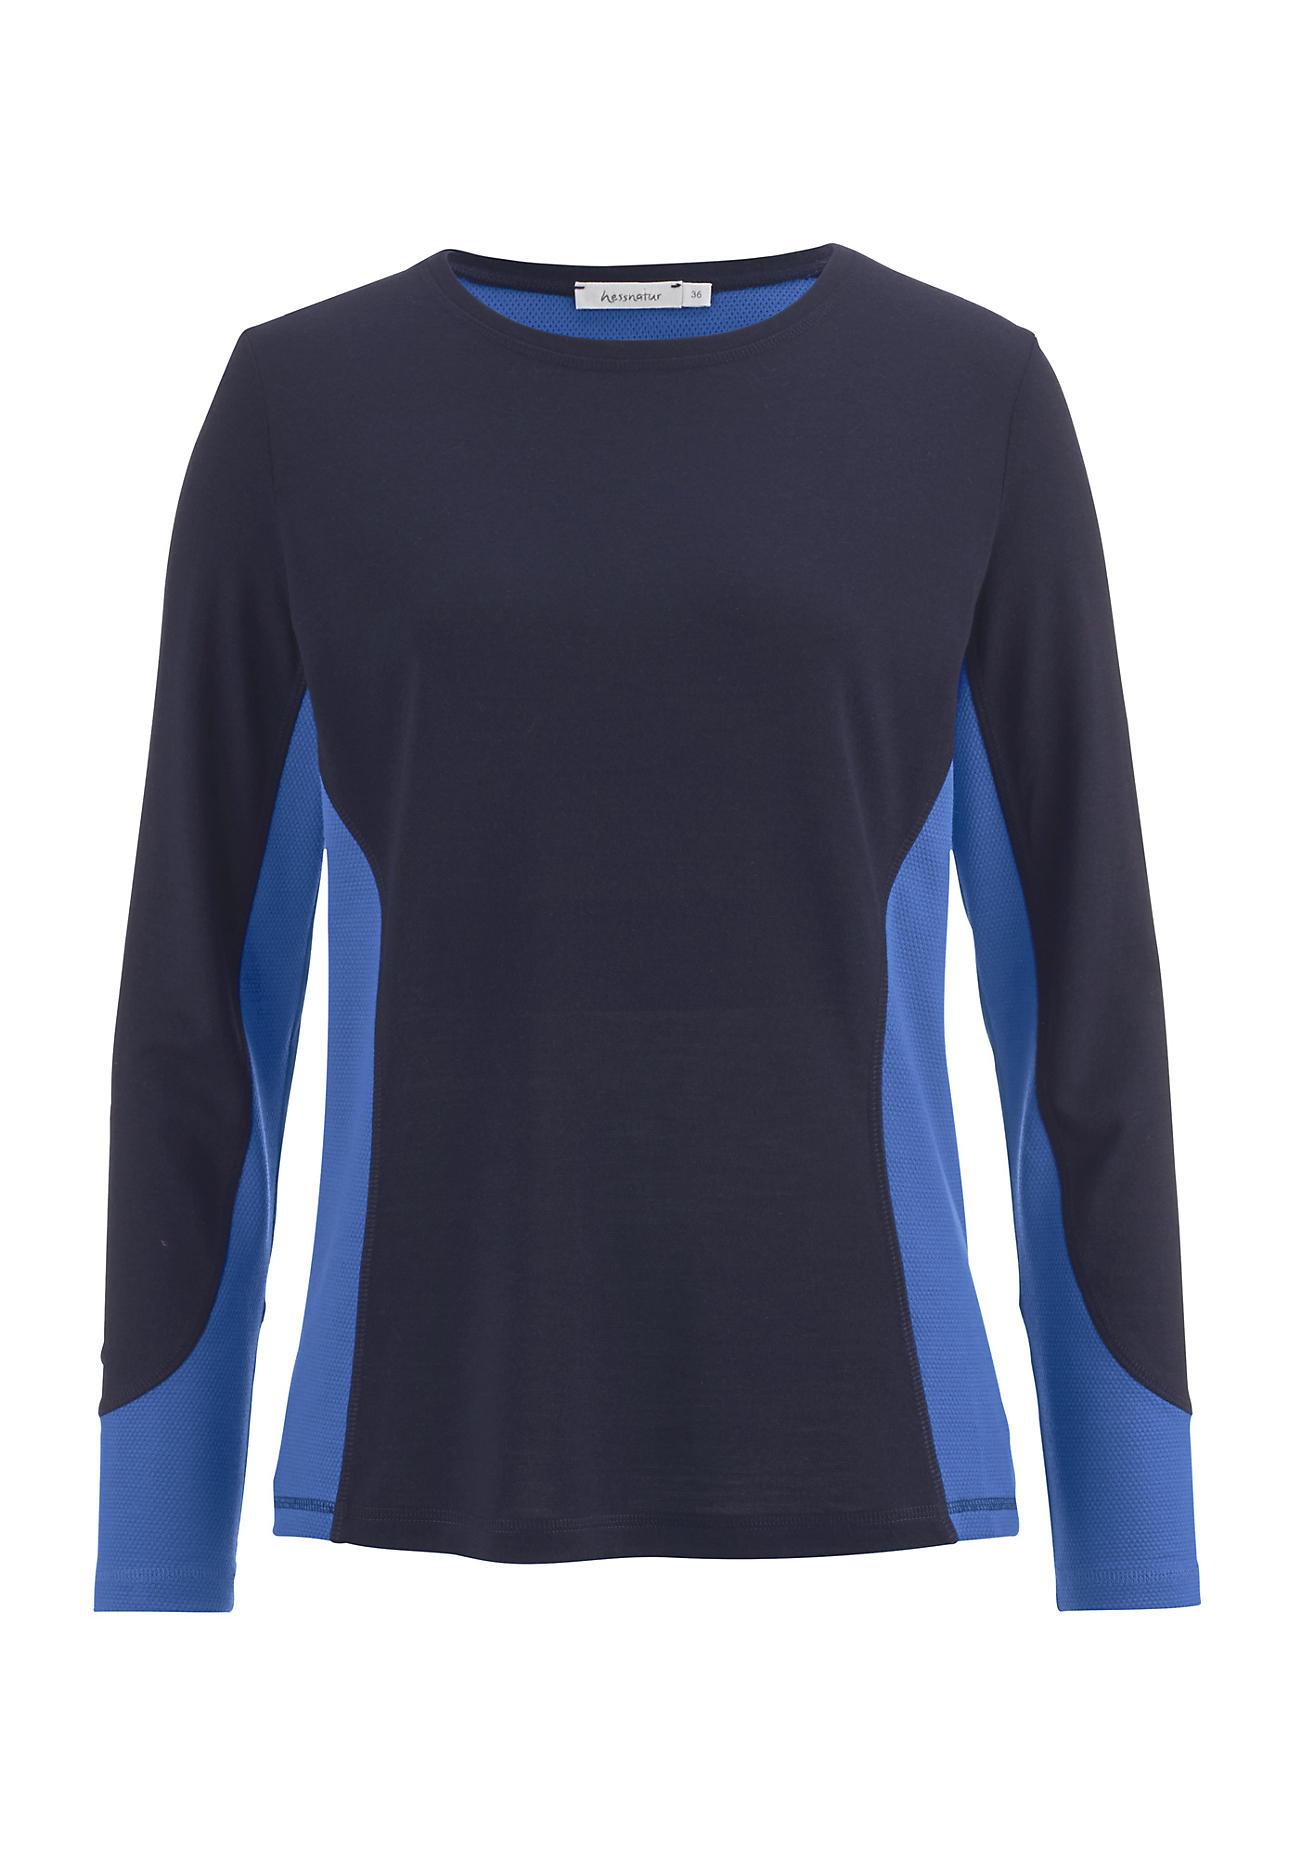 hessnatur Outdoor Damen Funktionsshirt aus Bio-Merinowolle – blau – Größe 38